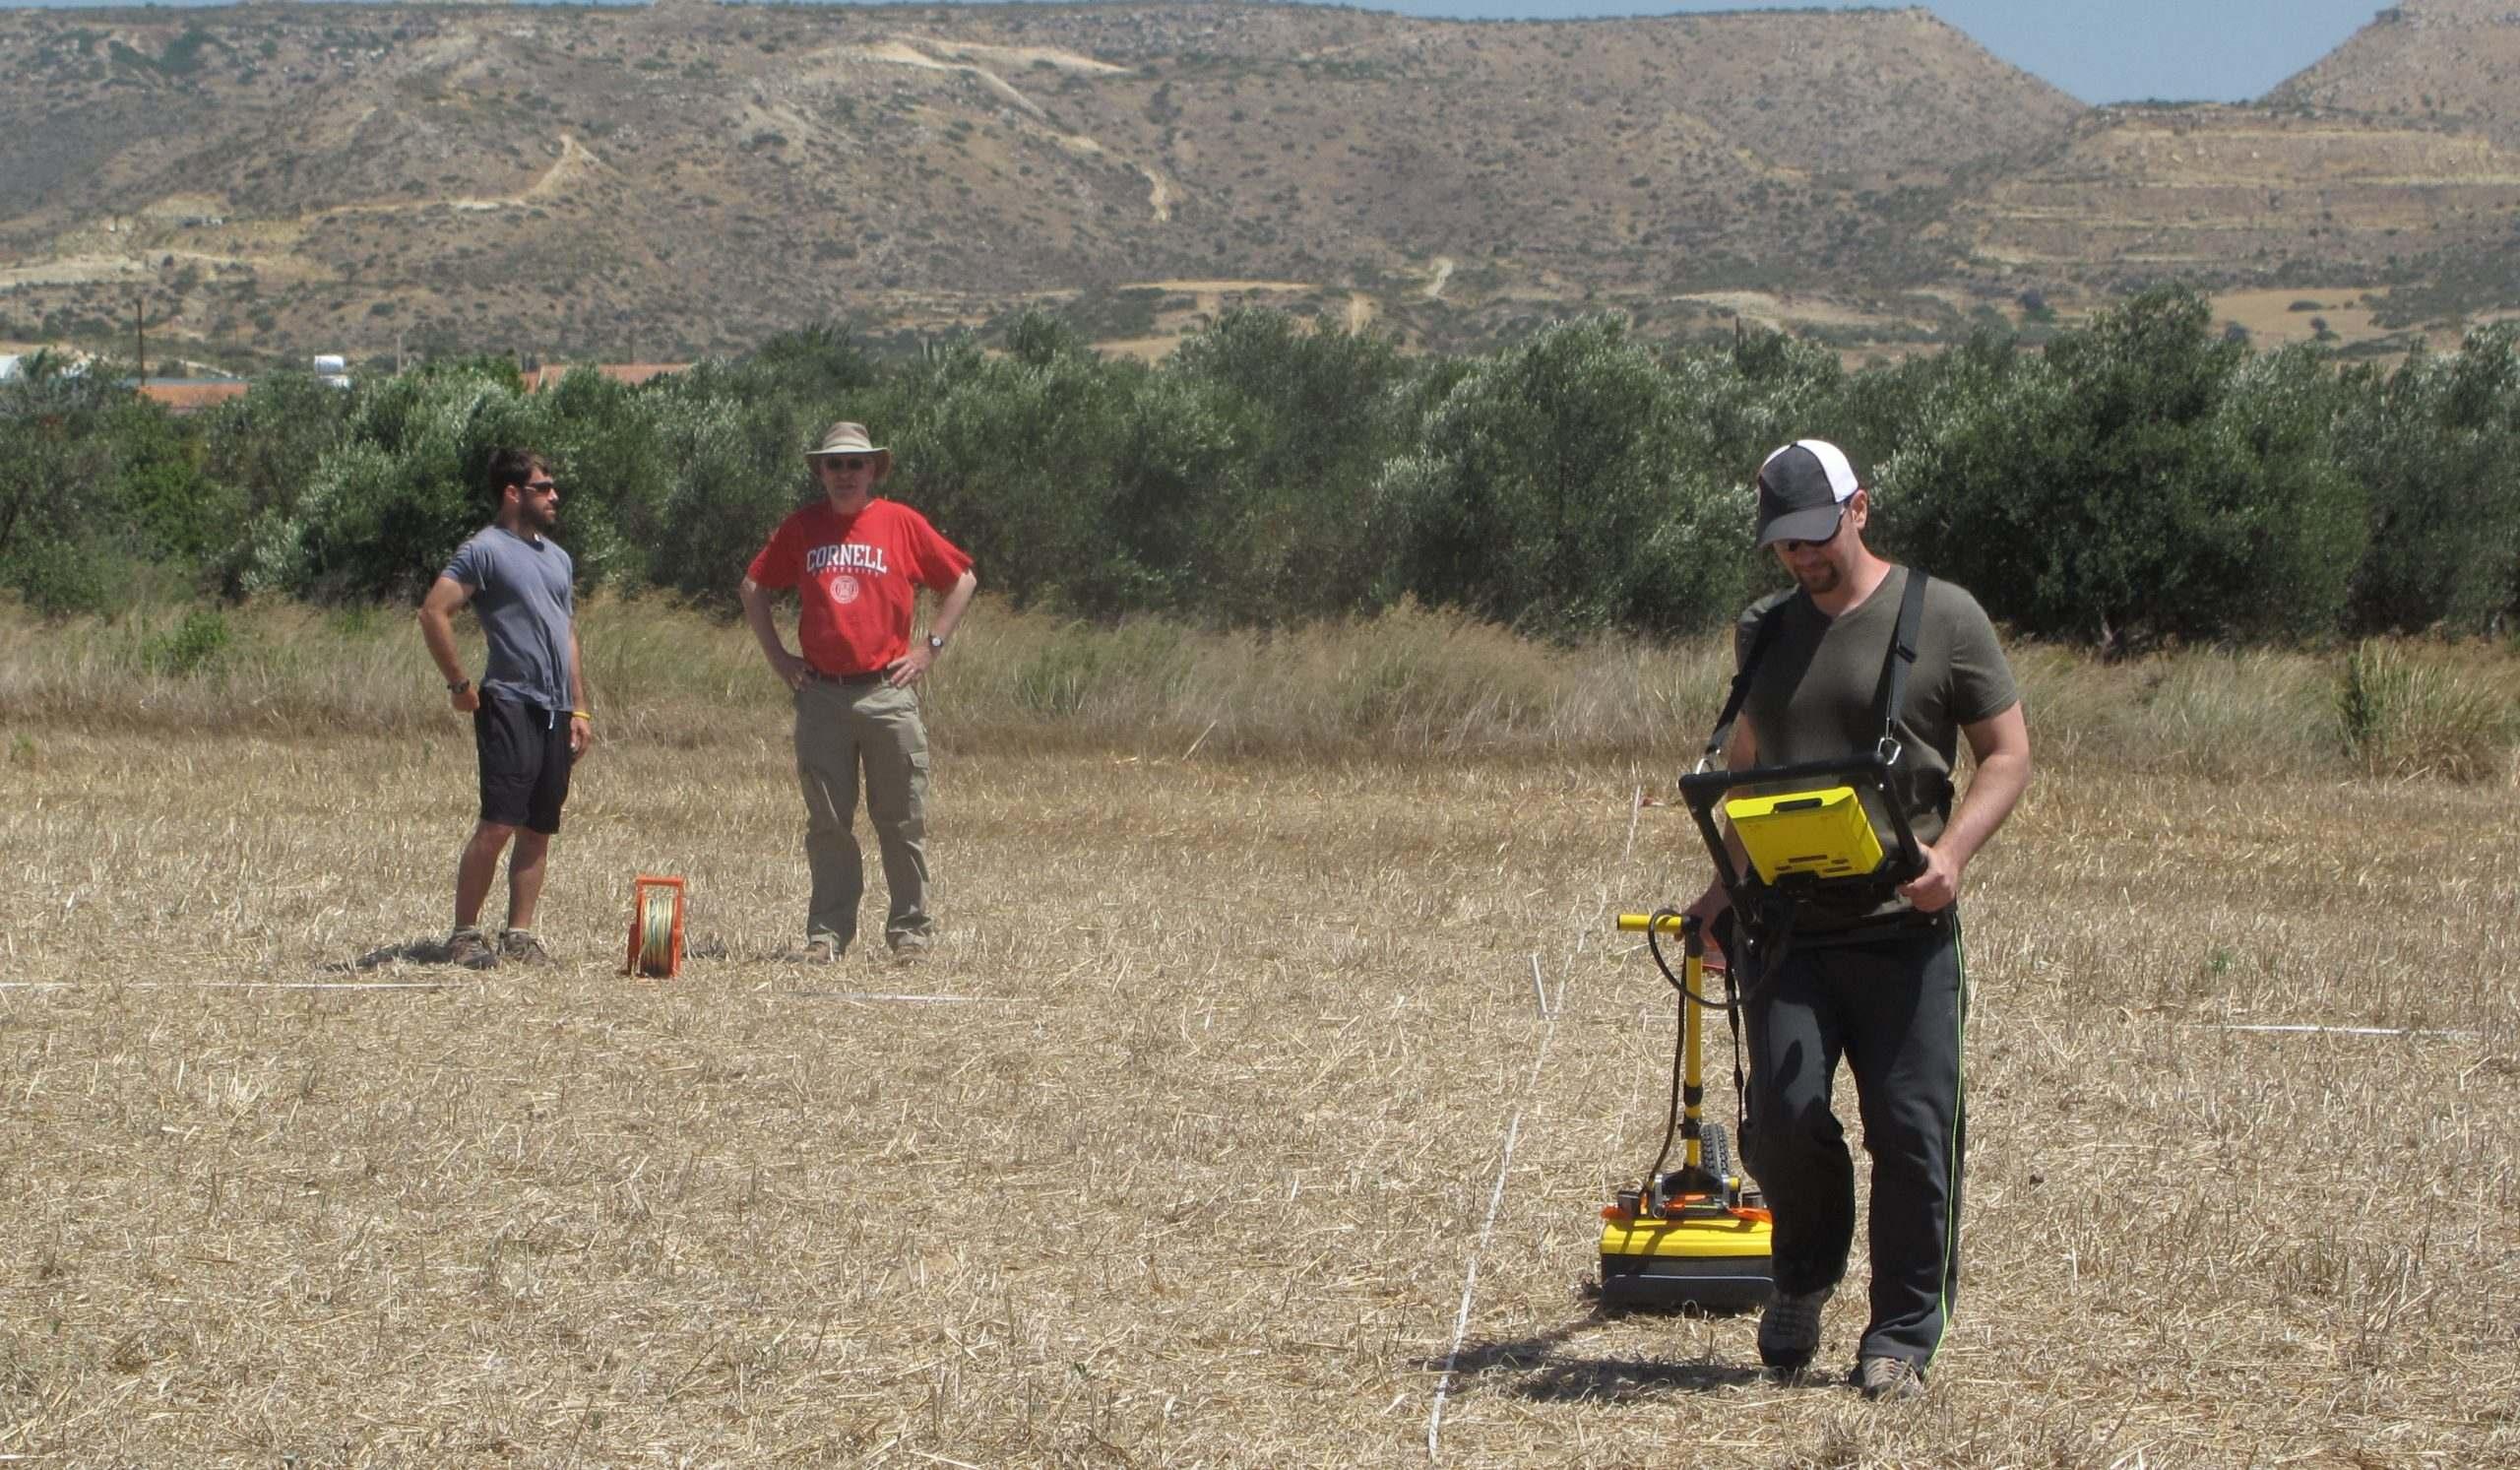 3 men performing gpr survey using noggin gpr